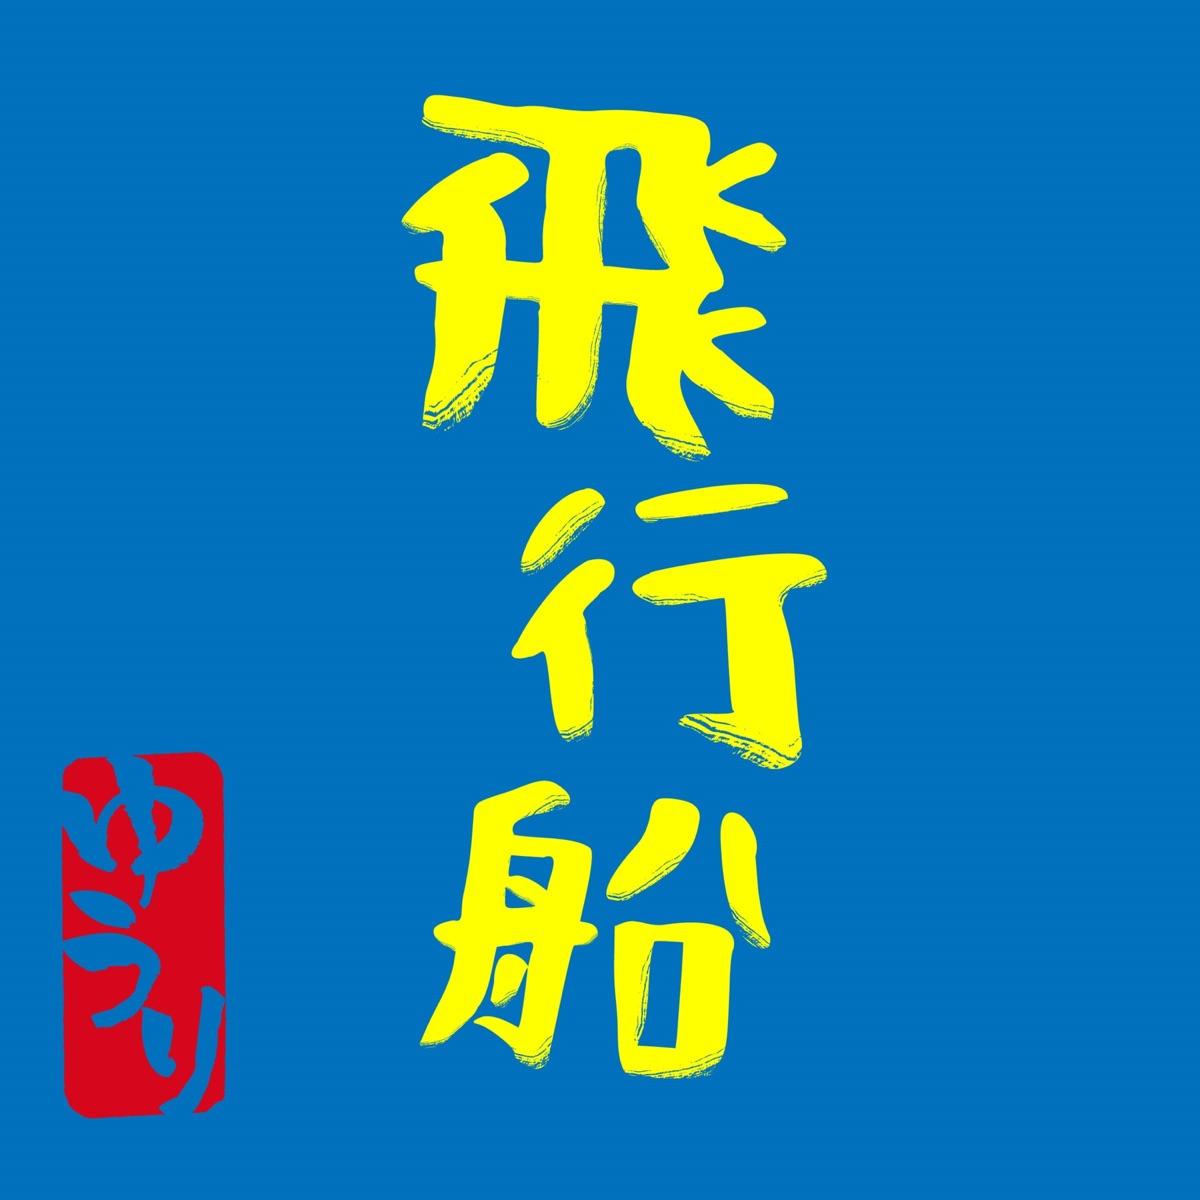 『優里 - 飛行船』収録の『飛行船』ジャケット